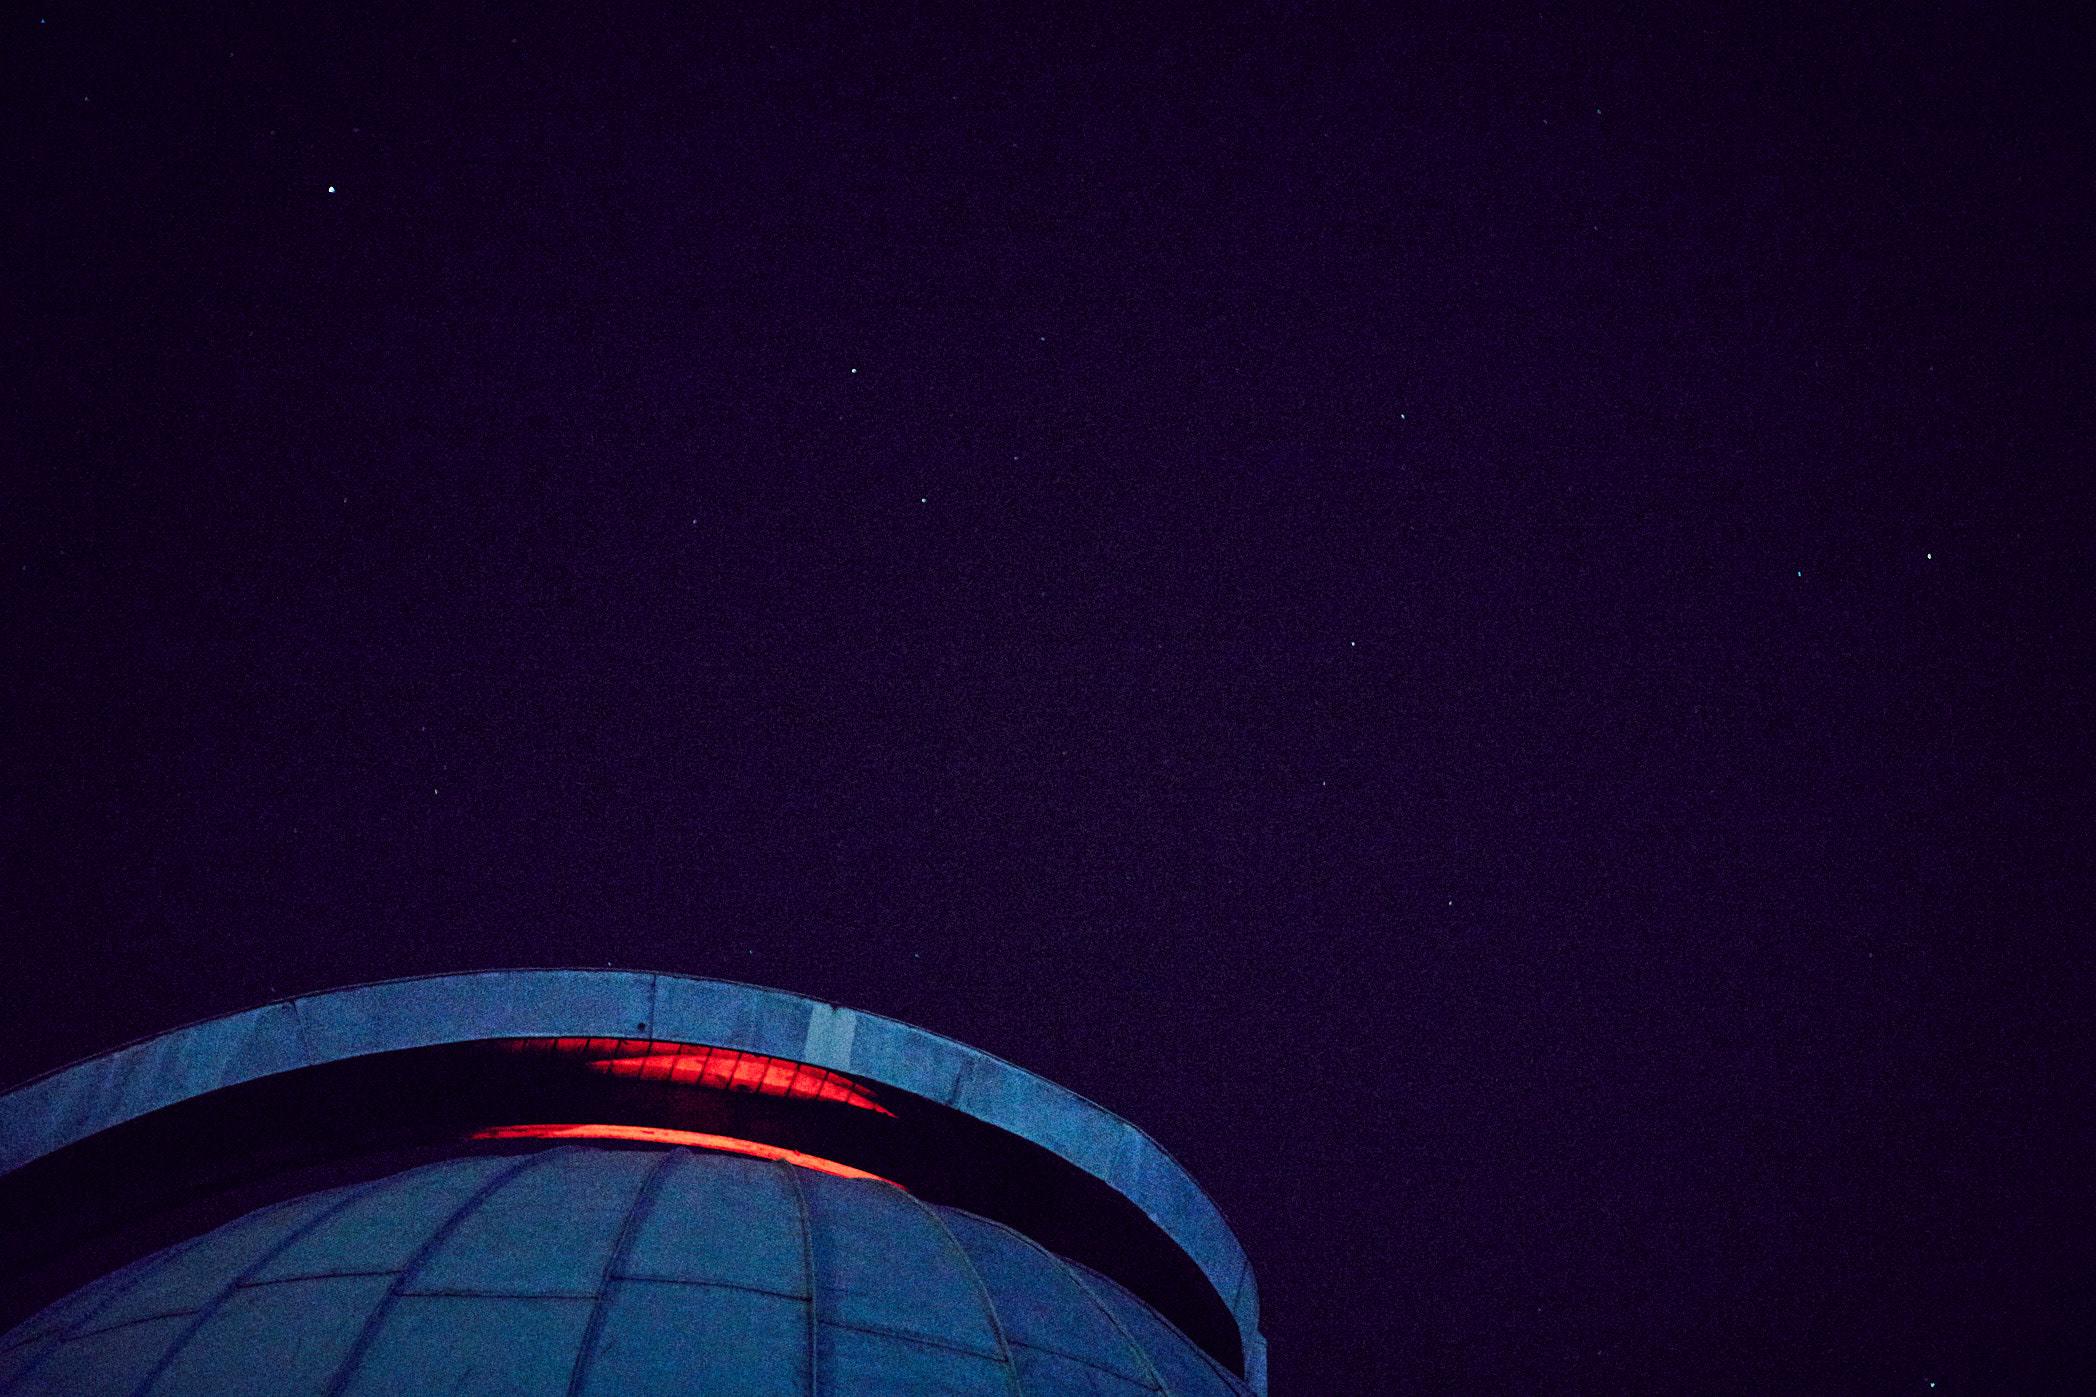 volkssternwarte köln kuppel rotes licht jörn strojny